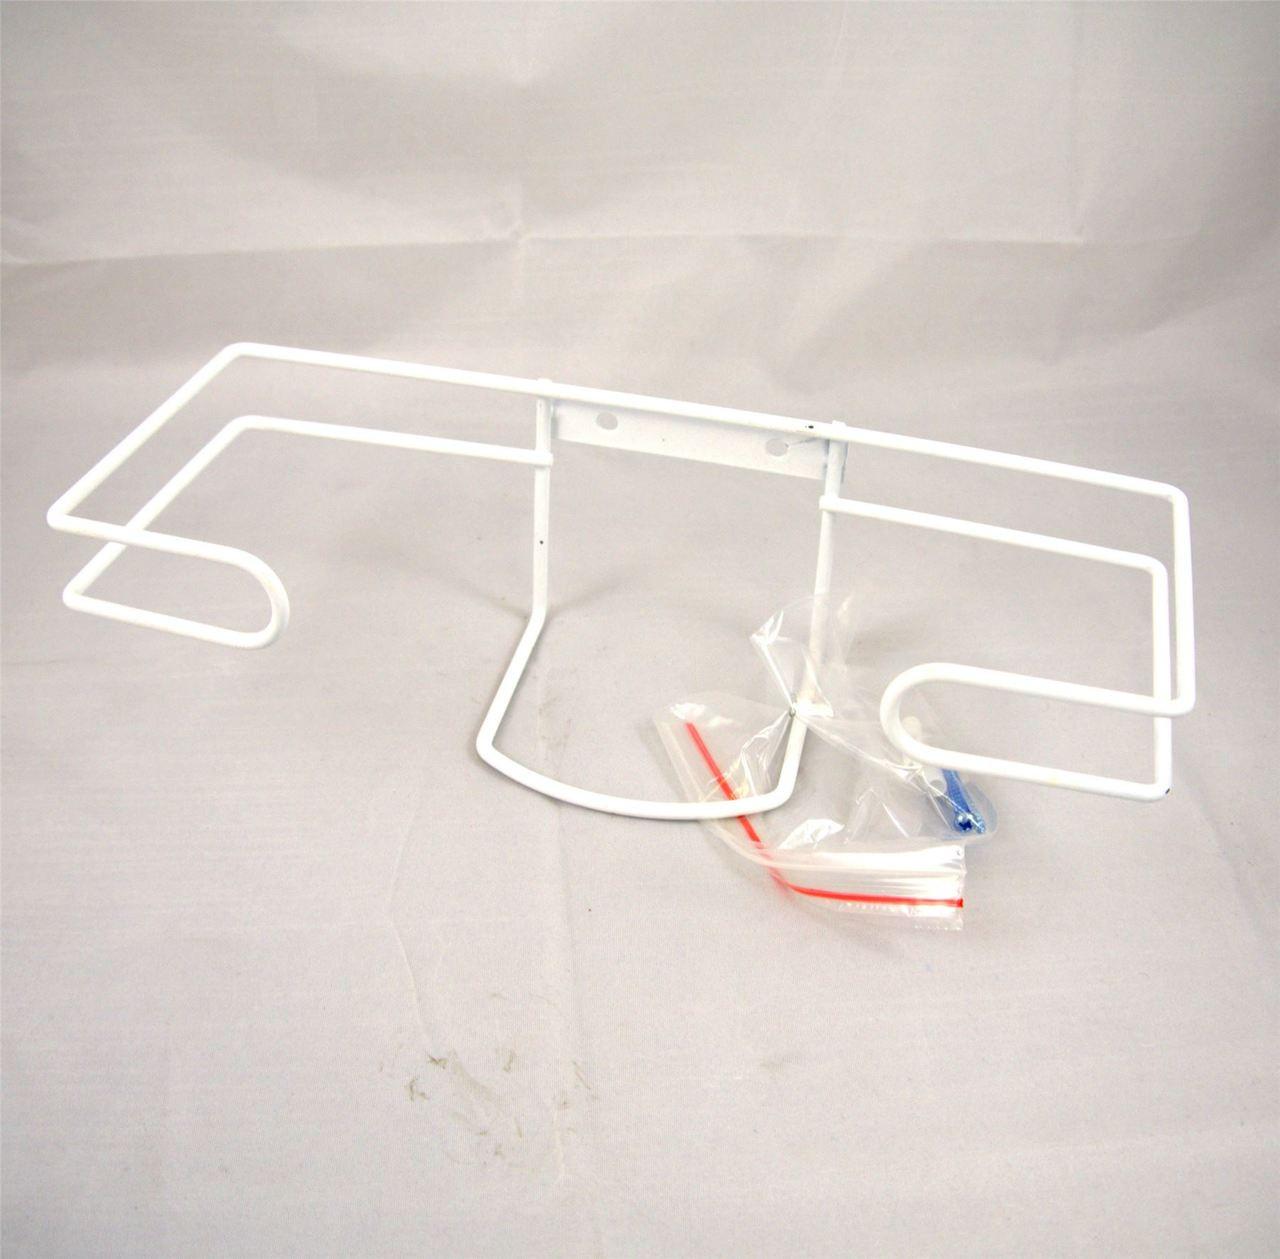 Economy Latex Vinyl Nitrile Glove Box Dispenser Holder Frame to ...